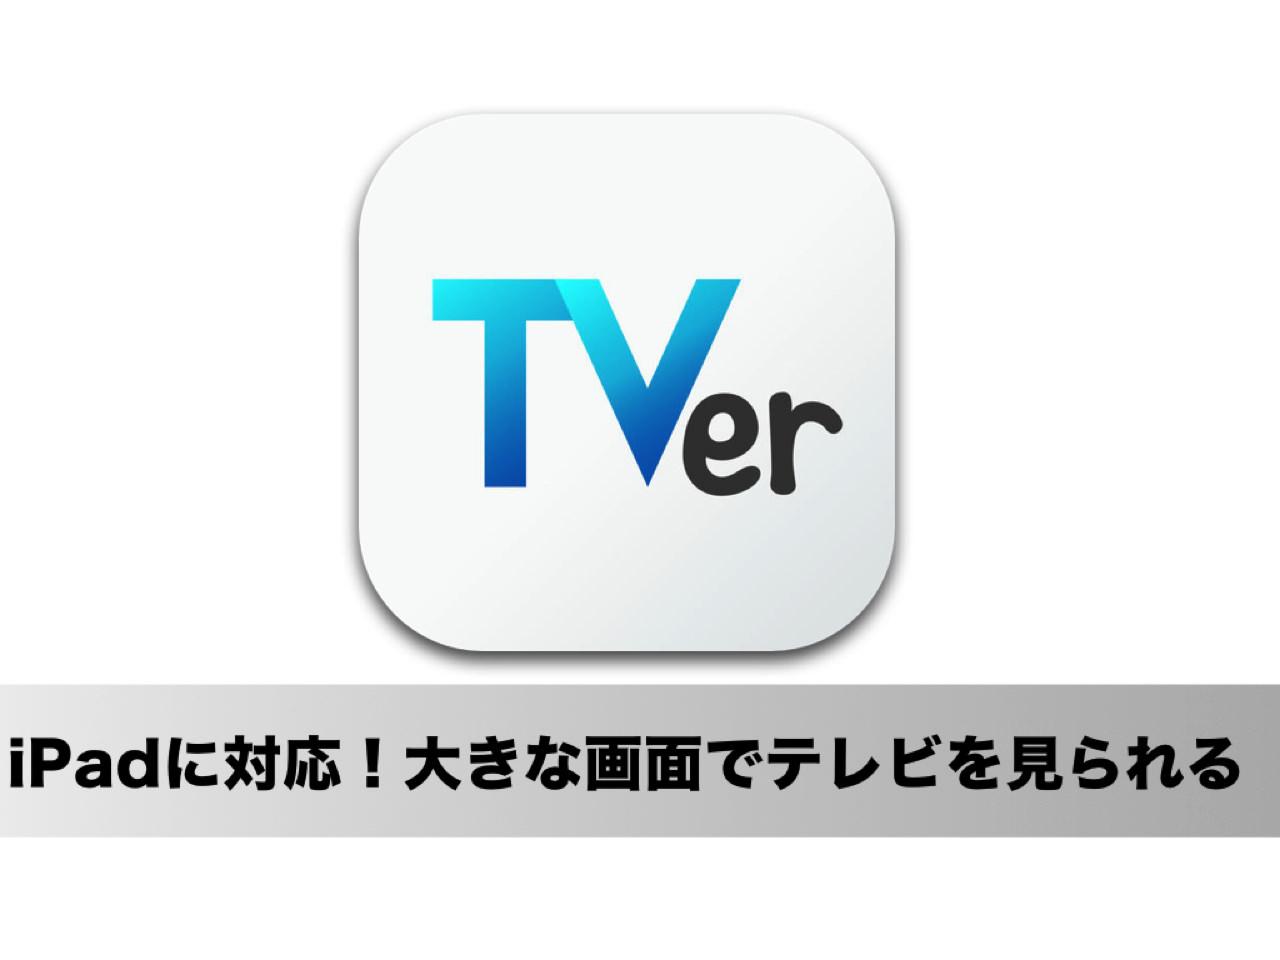 「TVer(ティーバー)」がiPadに対応!見逃したテレビ番組を大きな画面で視聴できる!